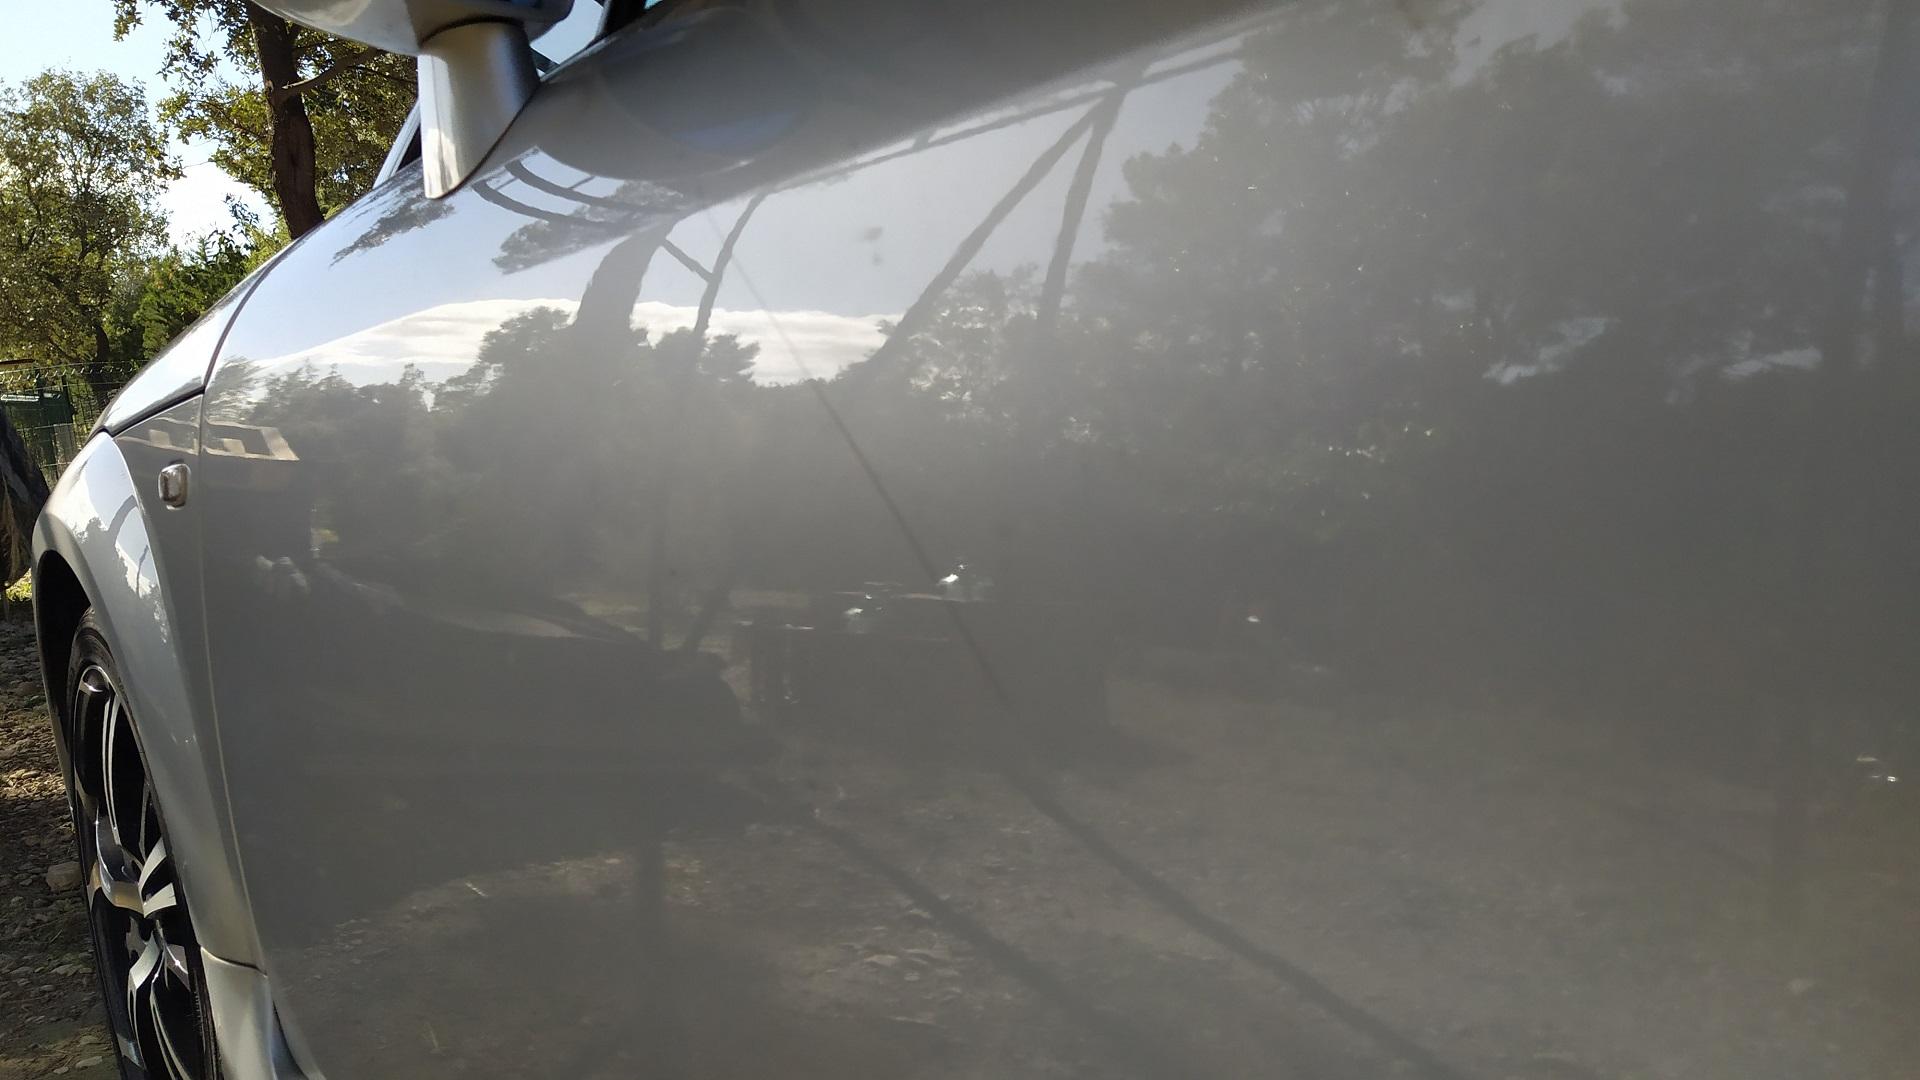 Présentation et premier vrai nettoyage du Roadster de Madame Img_20201004_103255-57c25a3